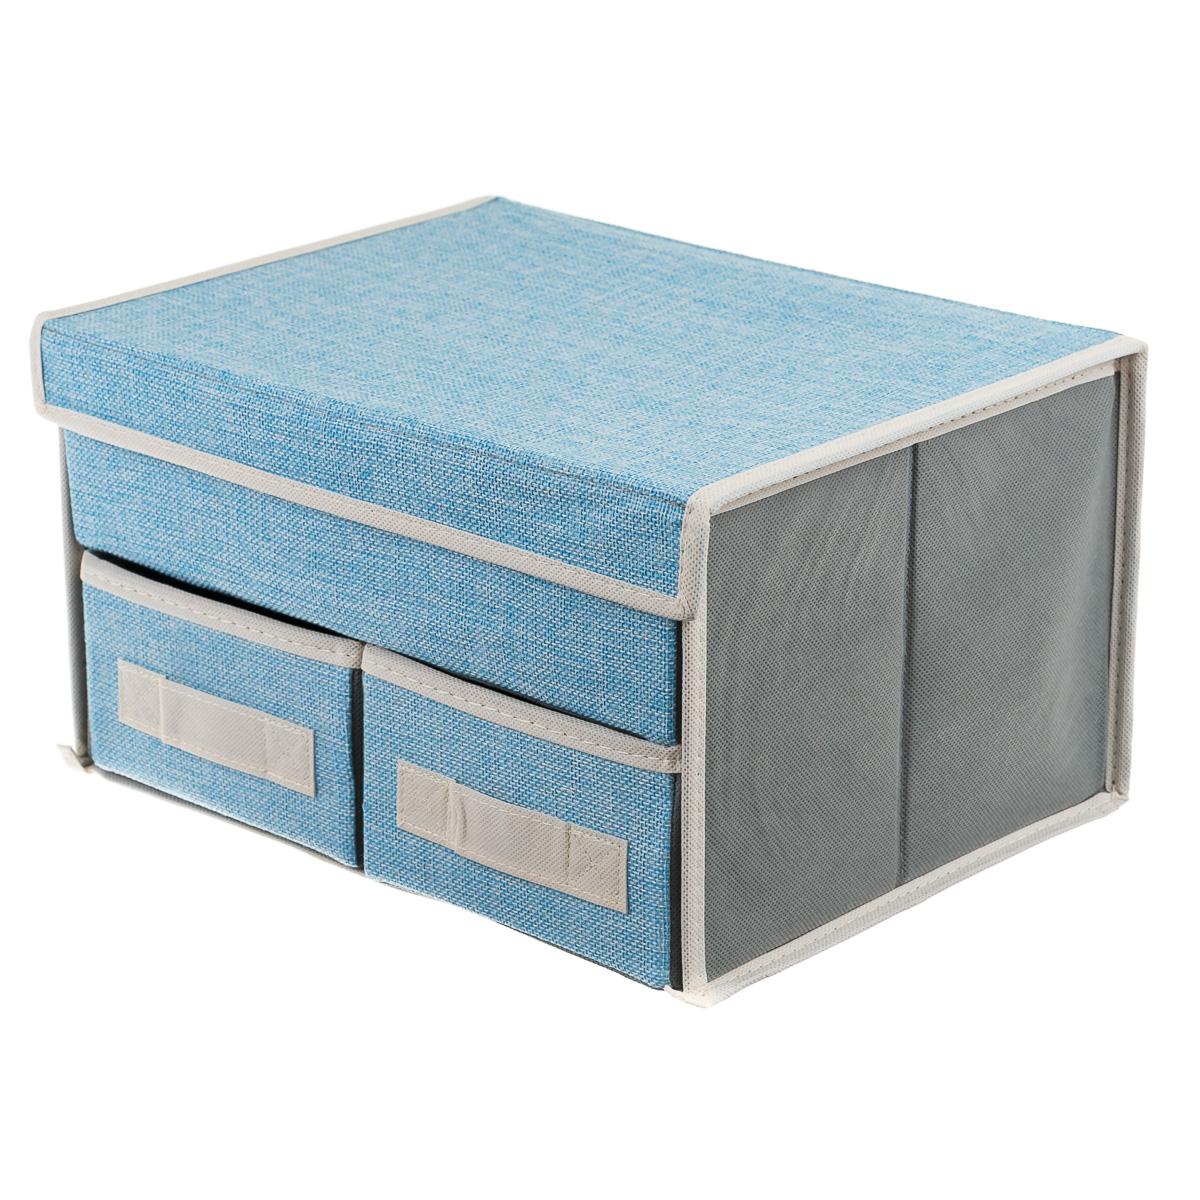 Коробка текстильная для хранения вещей, с 3 отделениями, голубая.